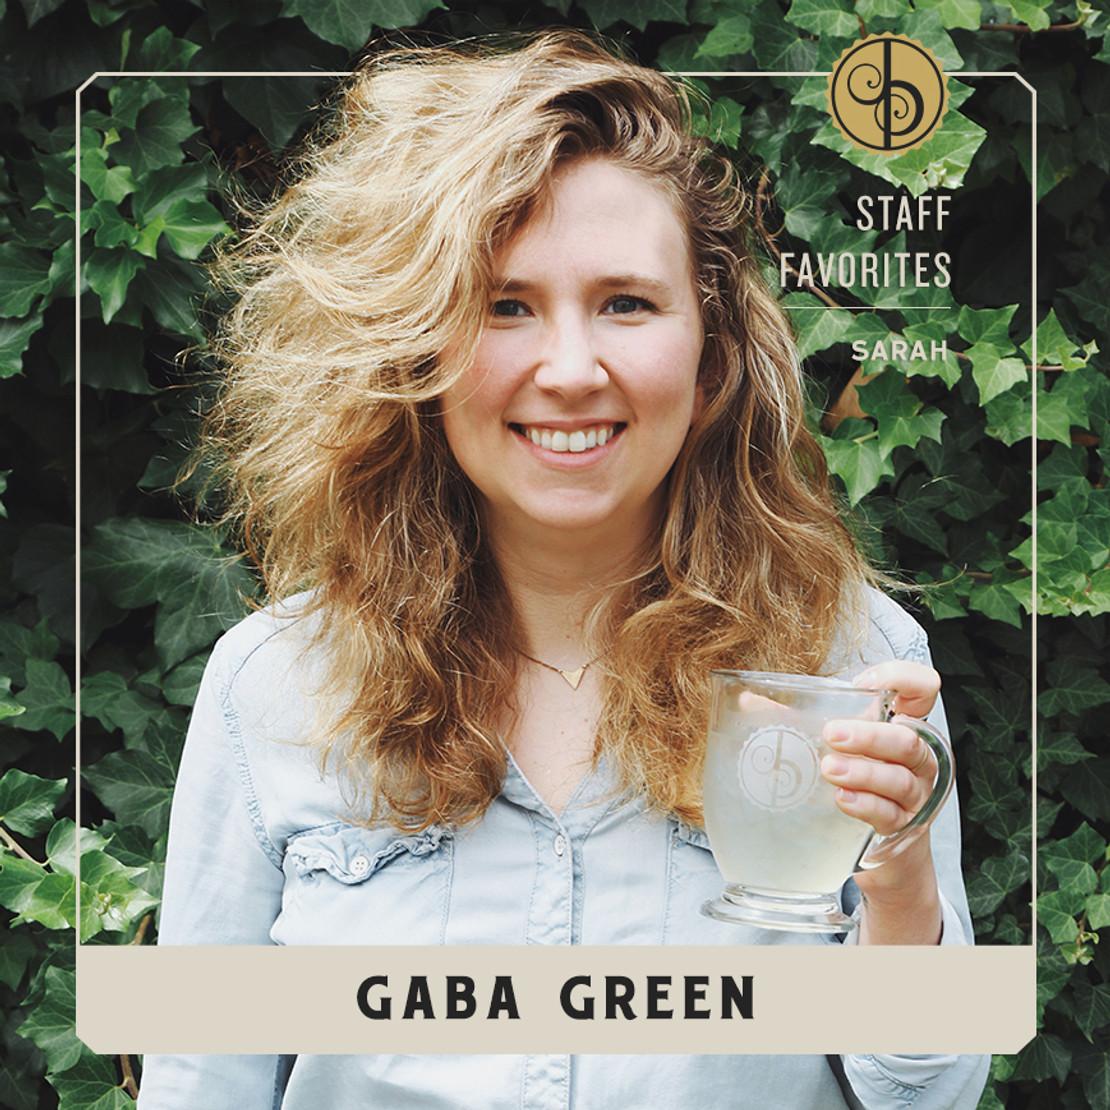 Staff Favorites: Sarah & GABA Green